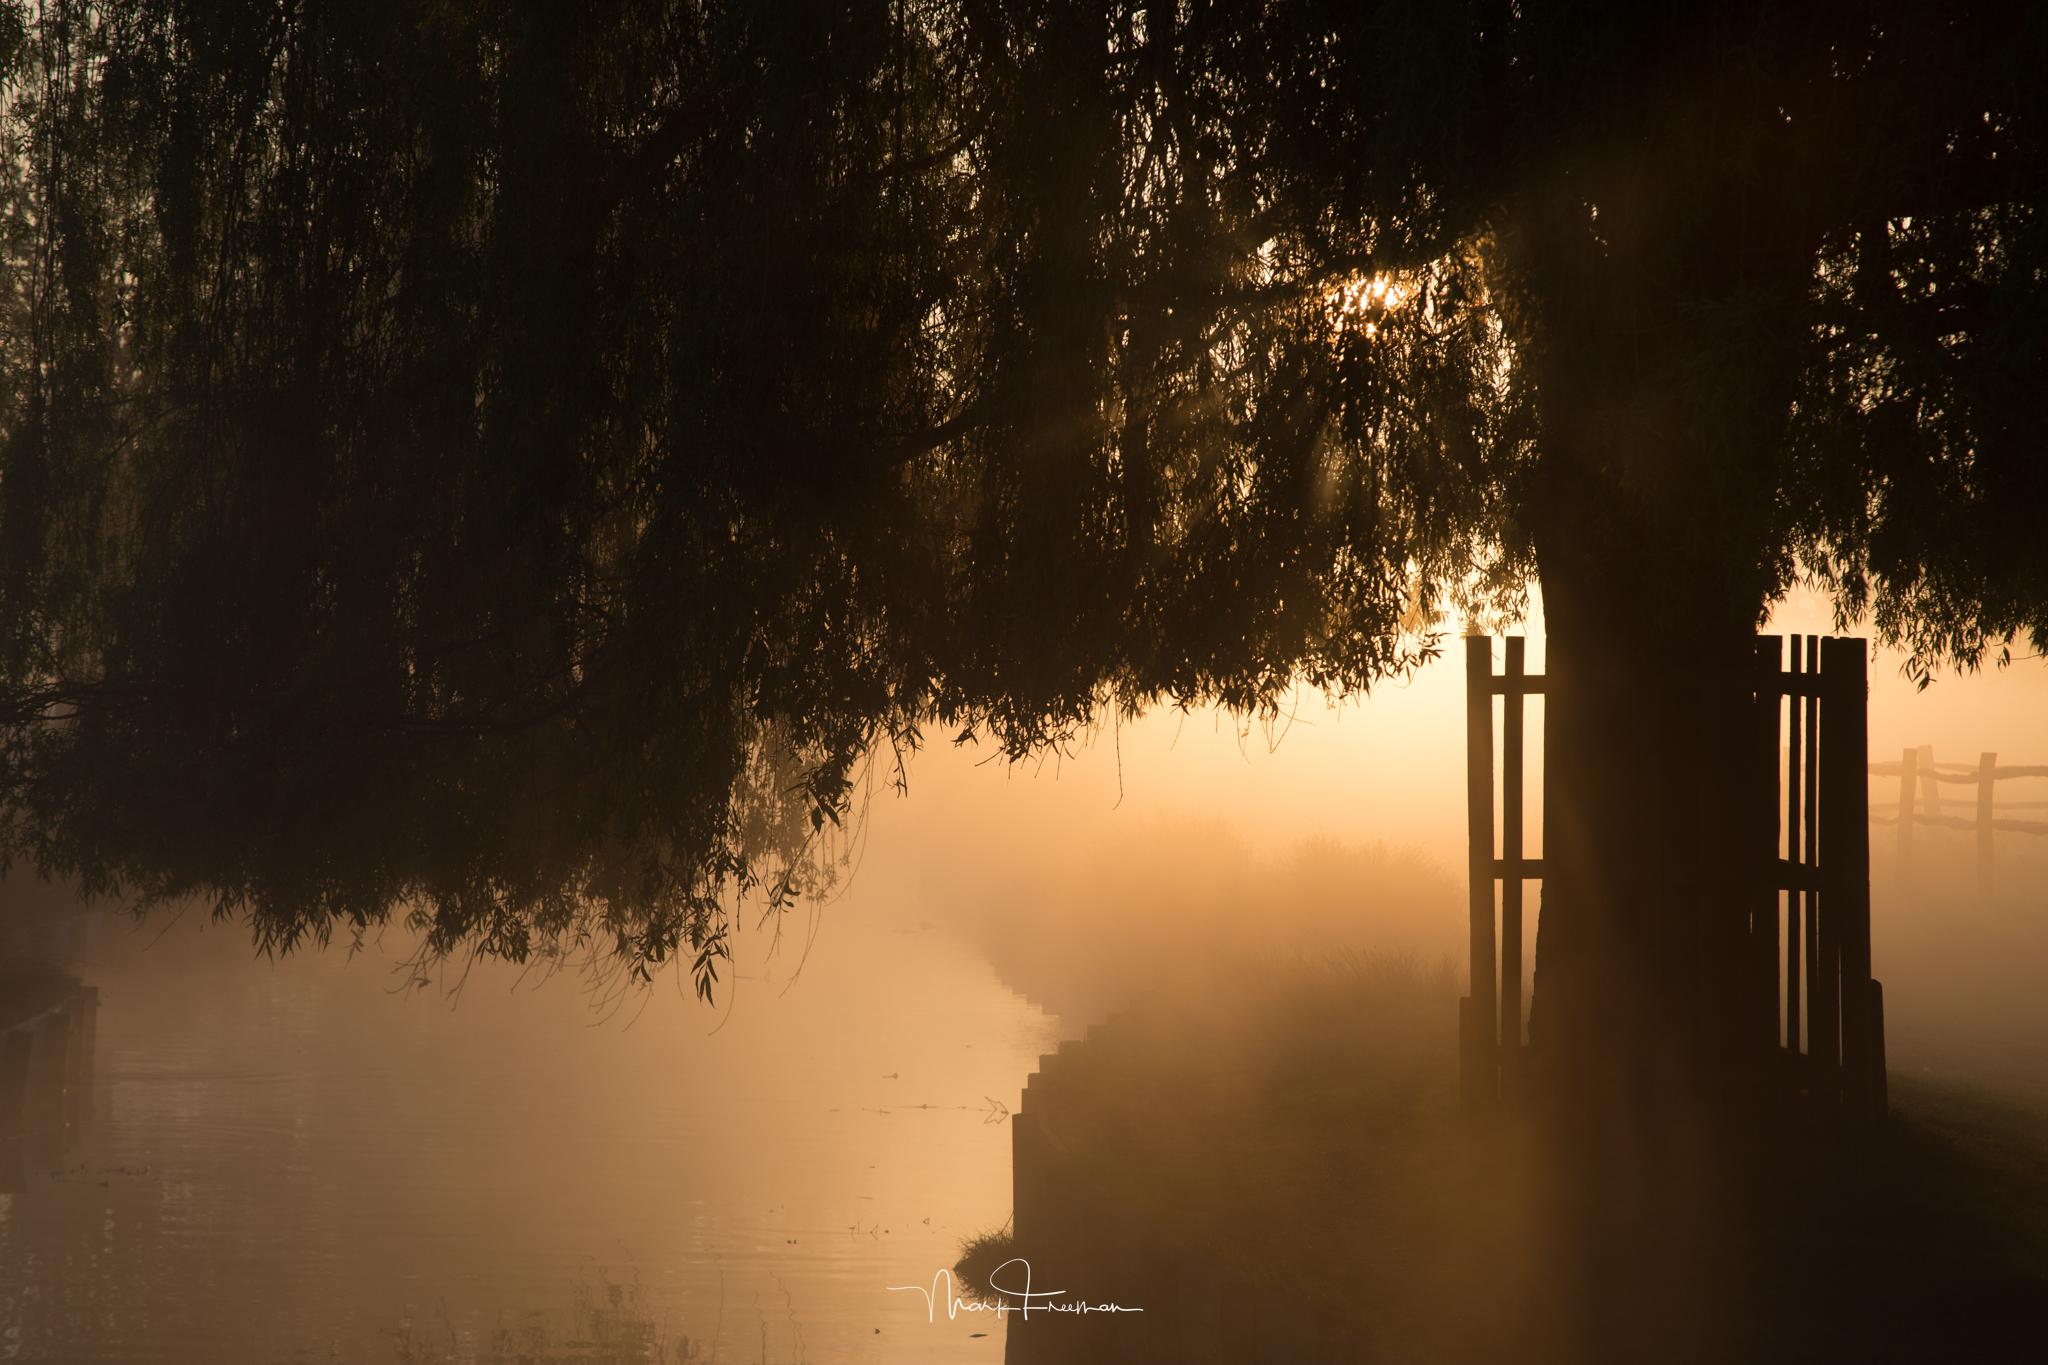 Sunrise in Bushy Park